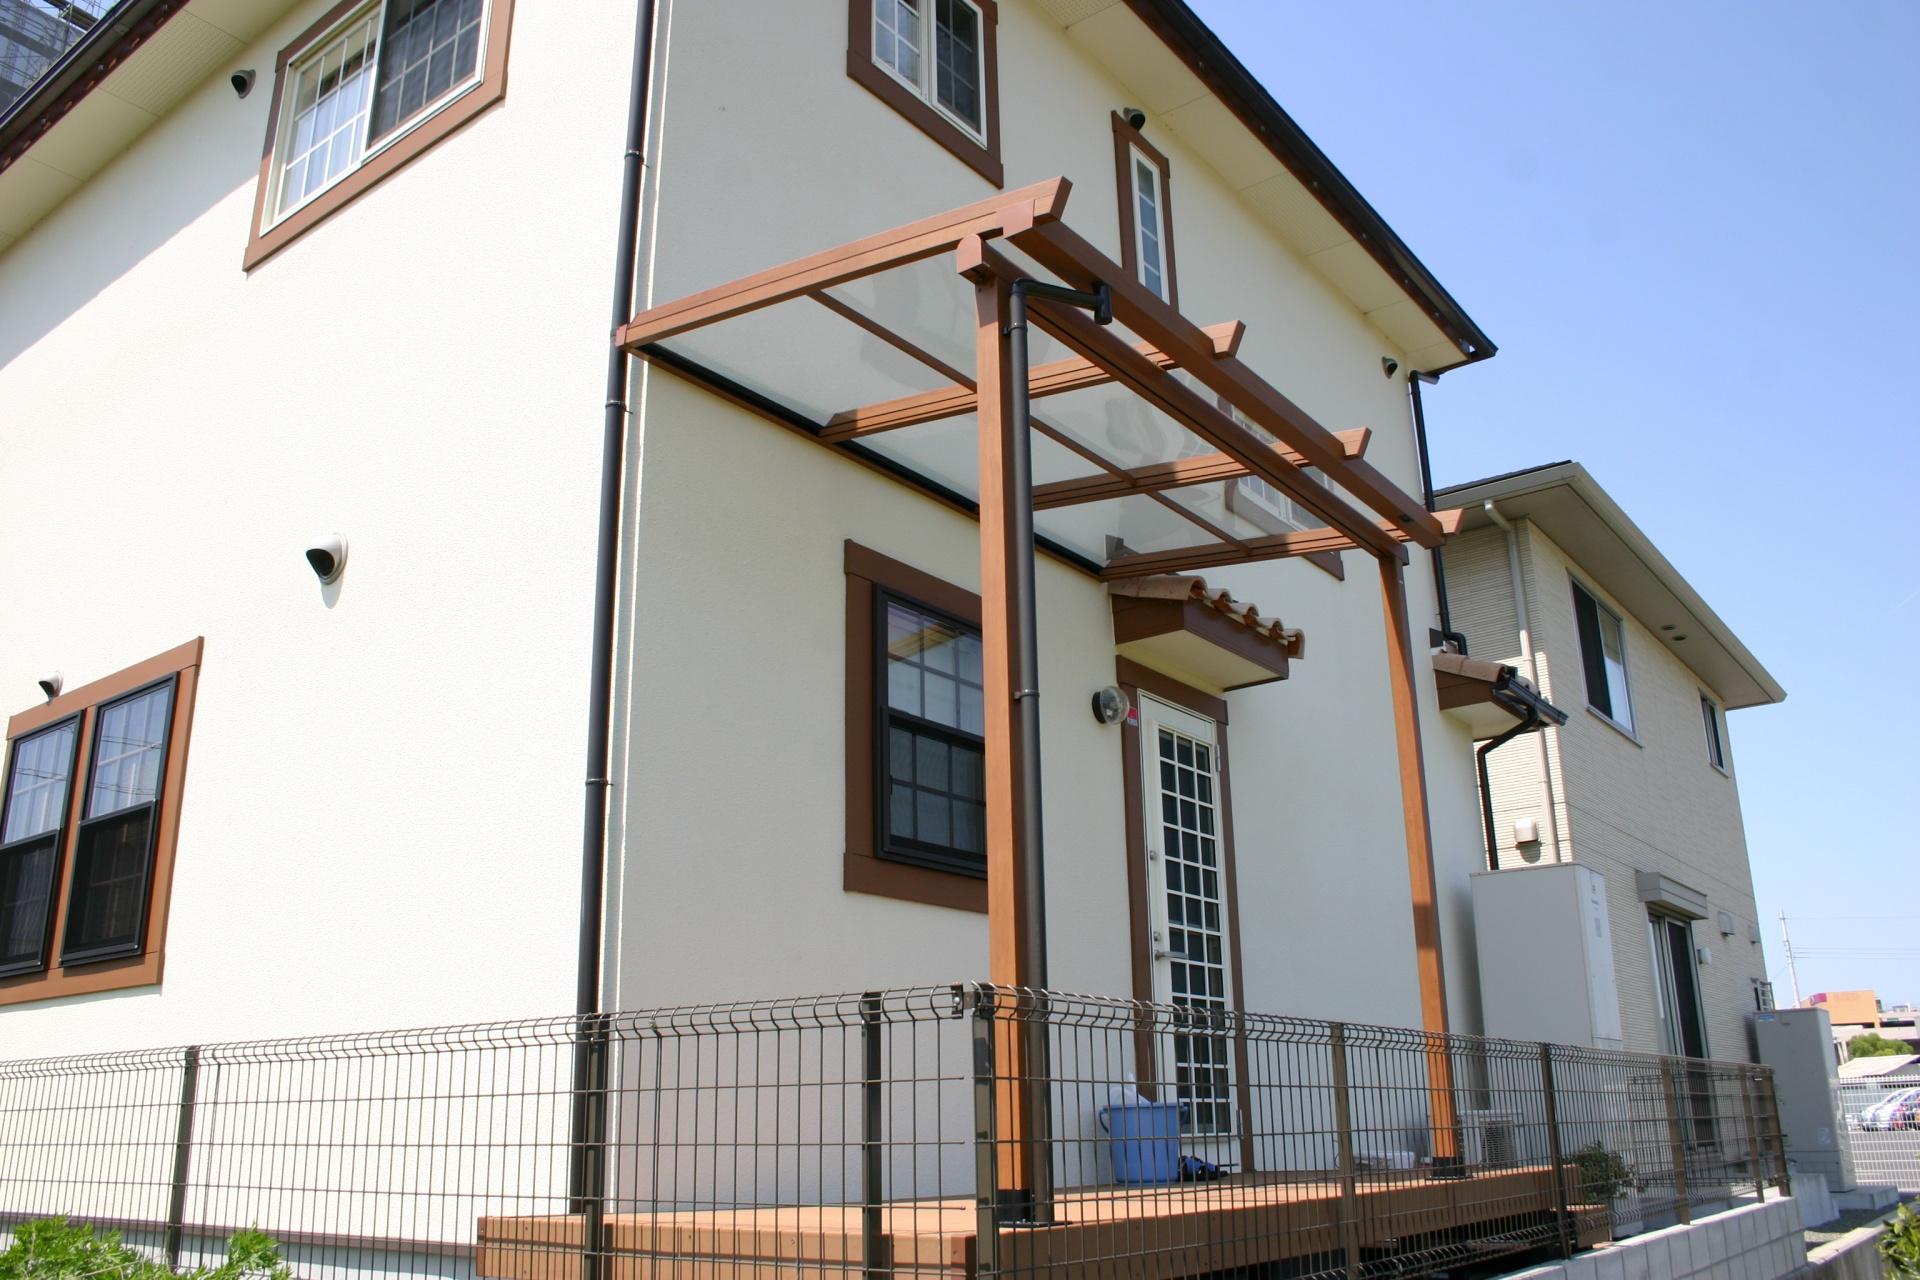 おしゃれなテラス屋根とウッドデッキ 姫路市N様邸エクステリア工事